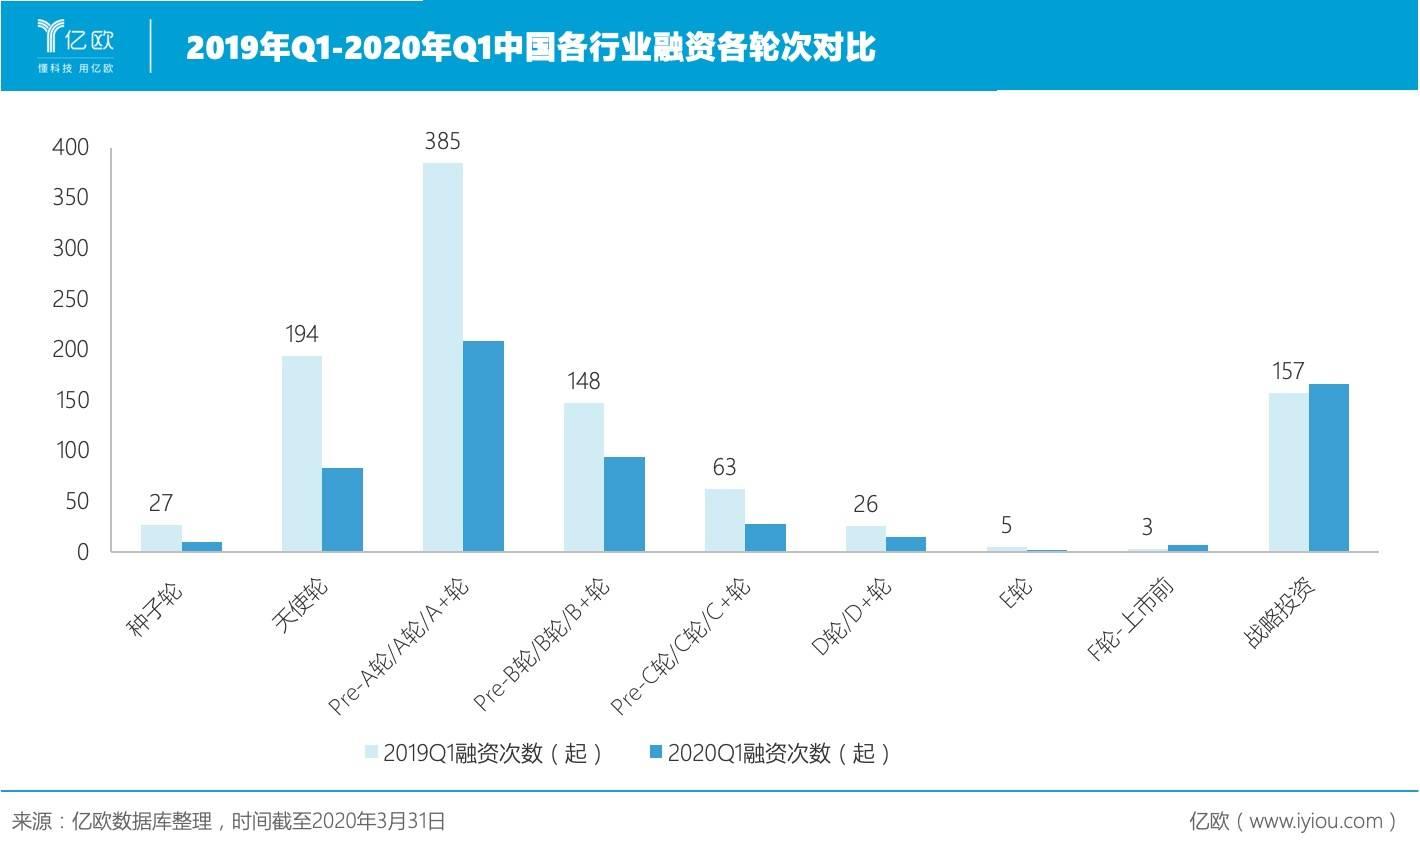 2019年Q1-2020年Q1中国各行业融资各轮次对比.jpeg